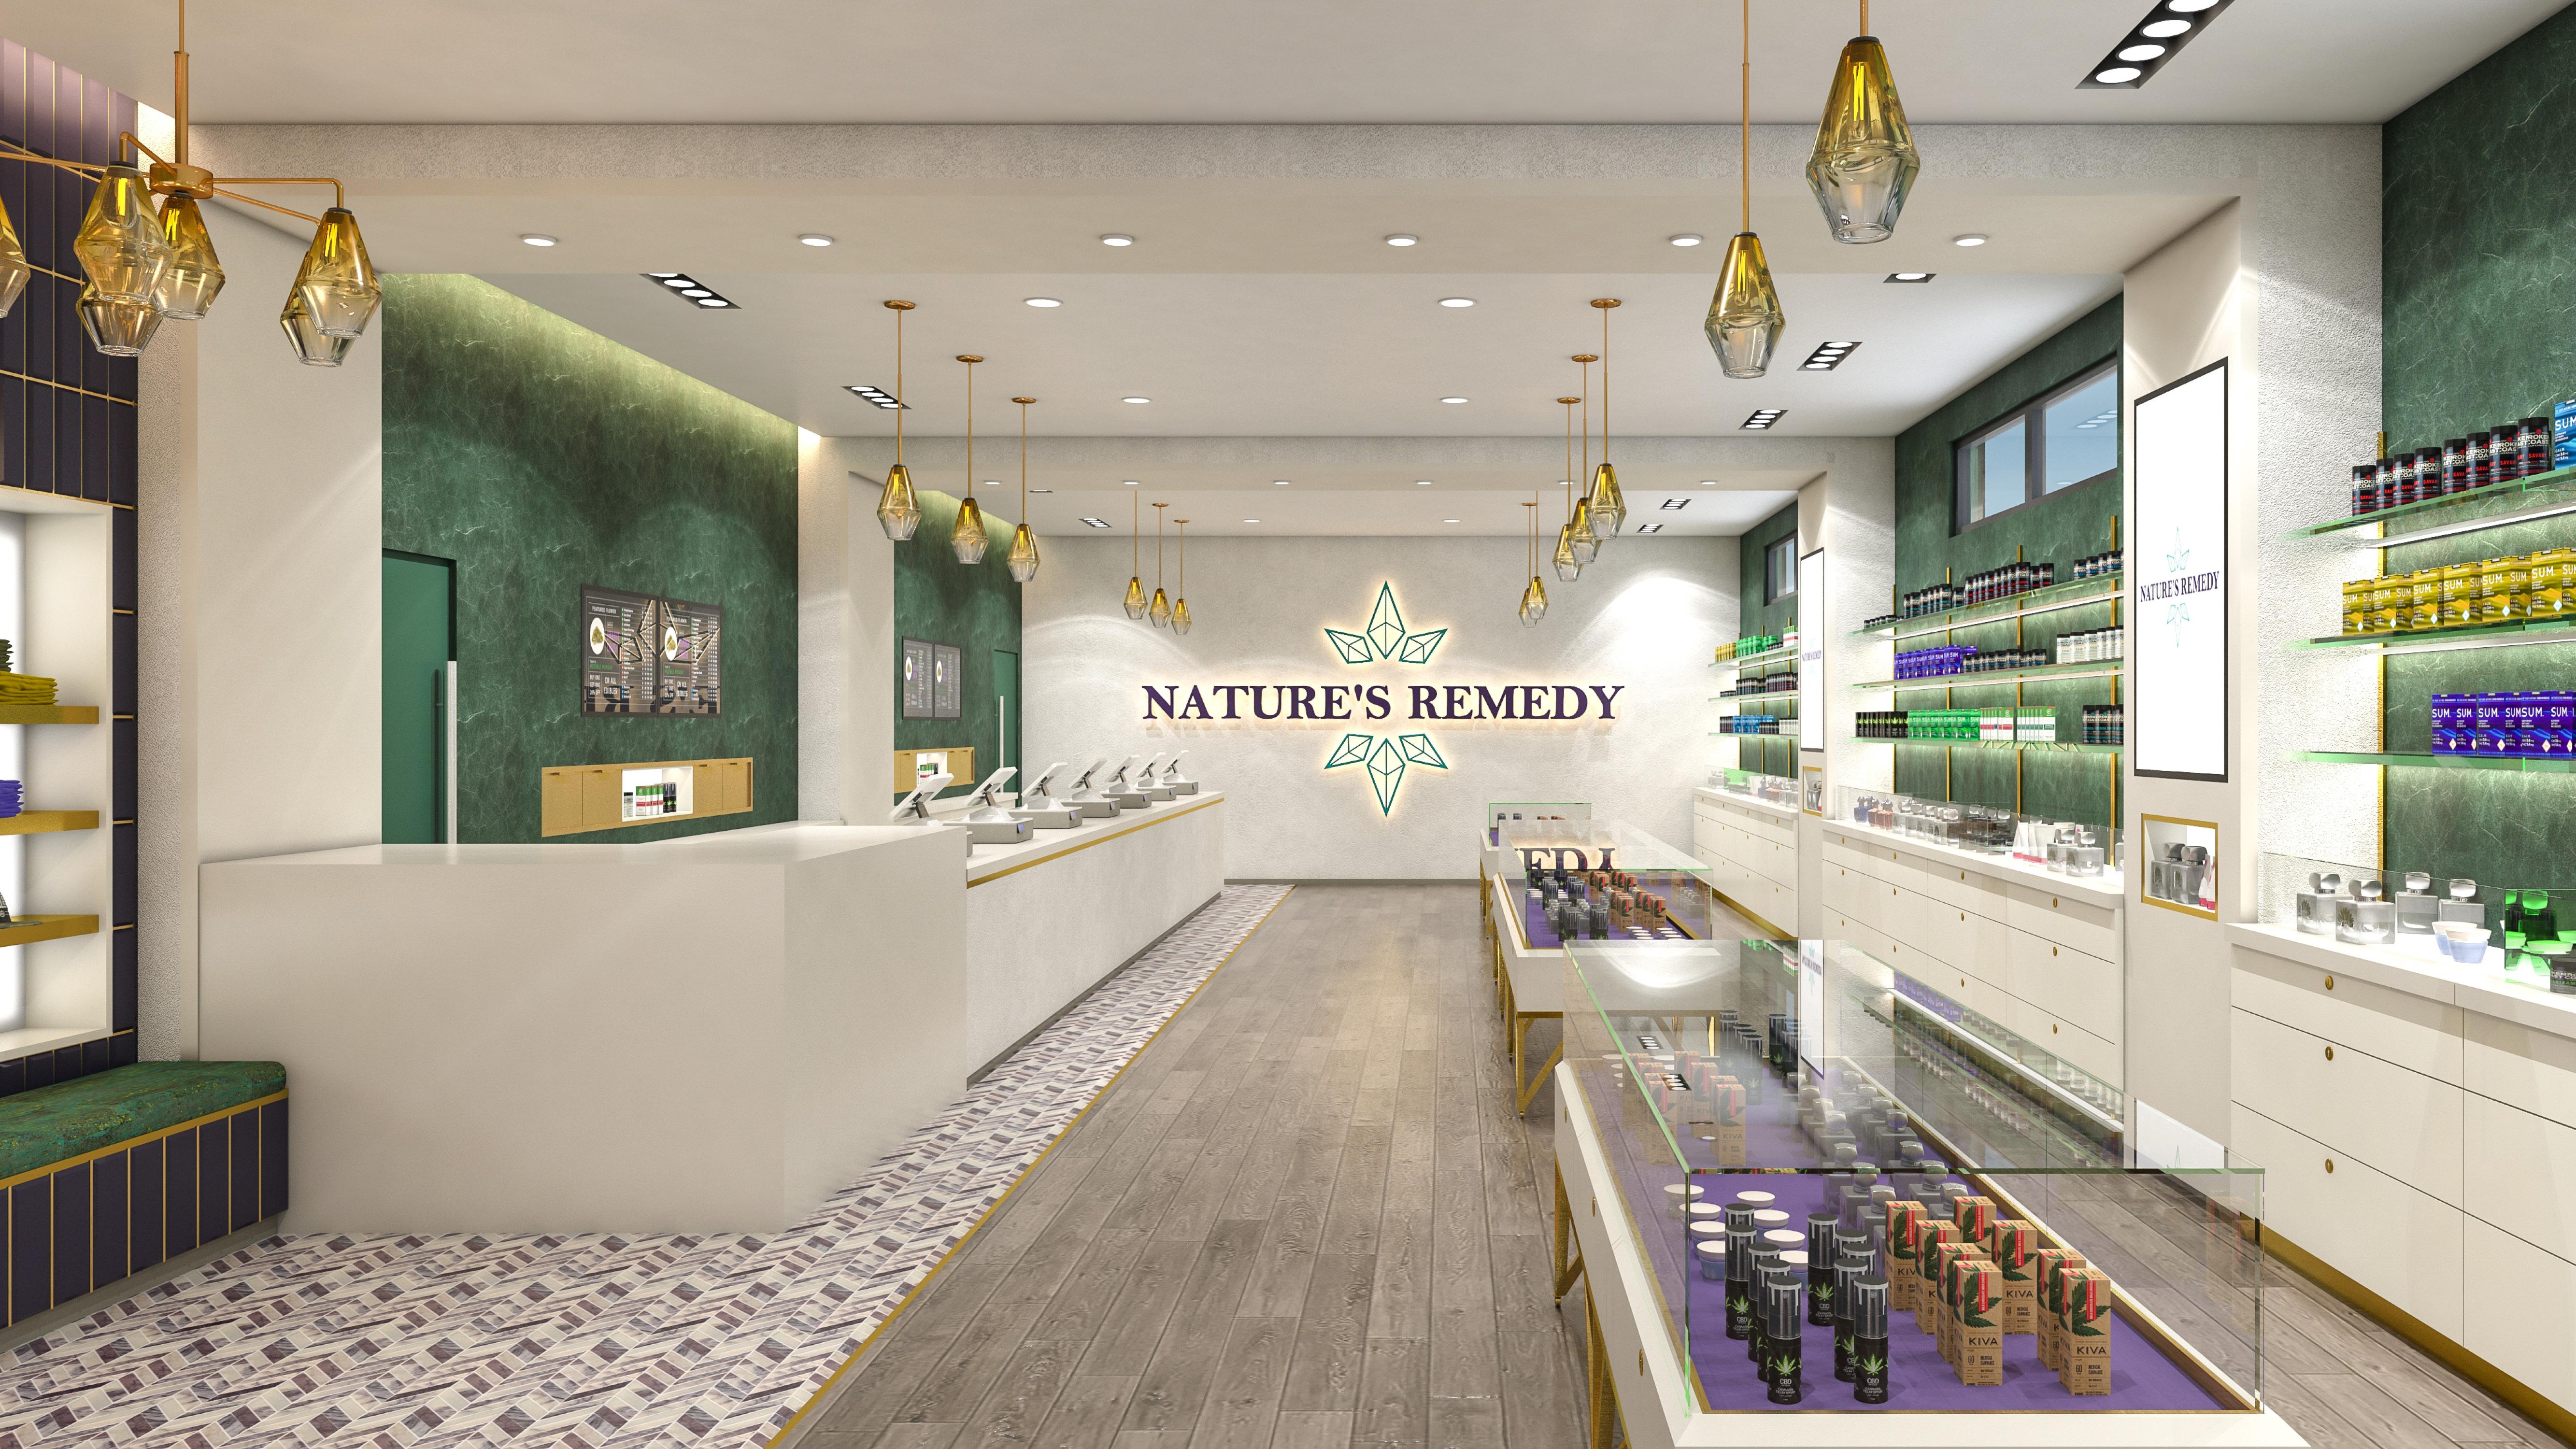 Nature's Remedy - Dispensary Design Portfolio - High Road Design Studio